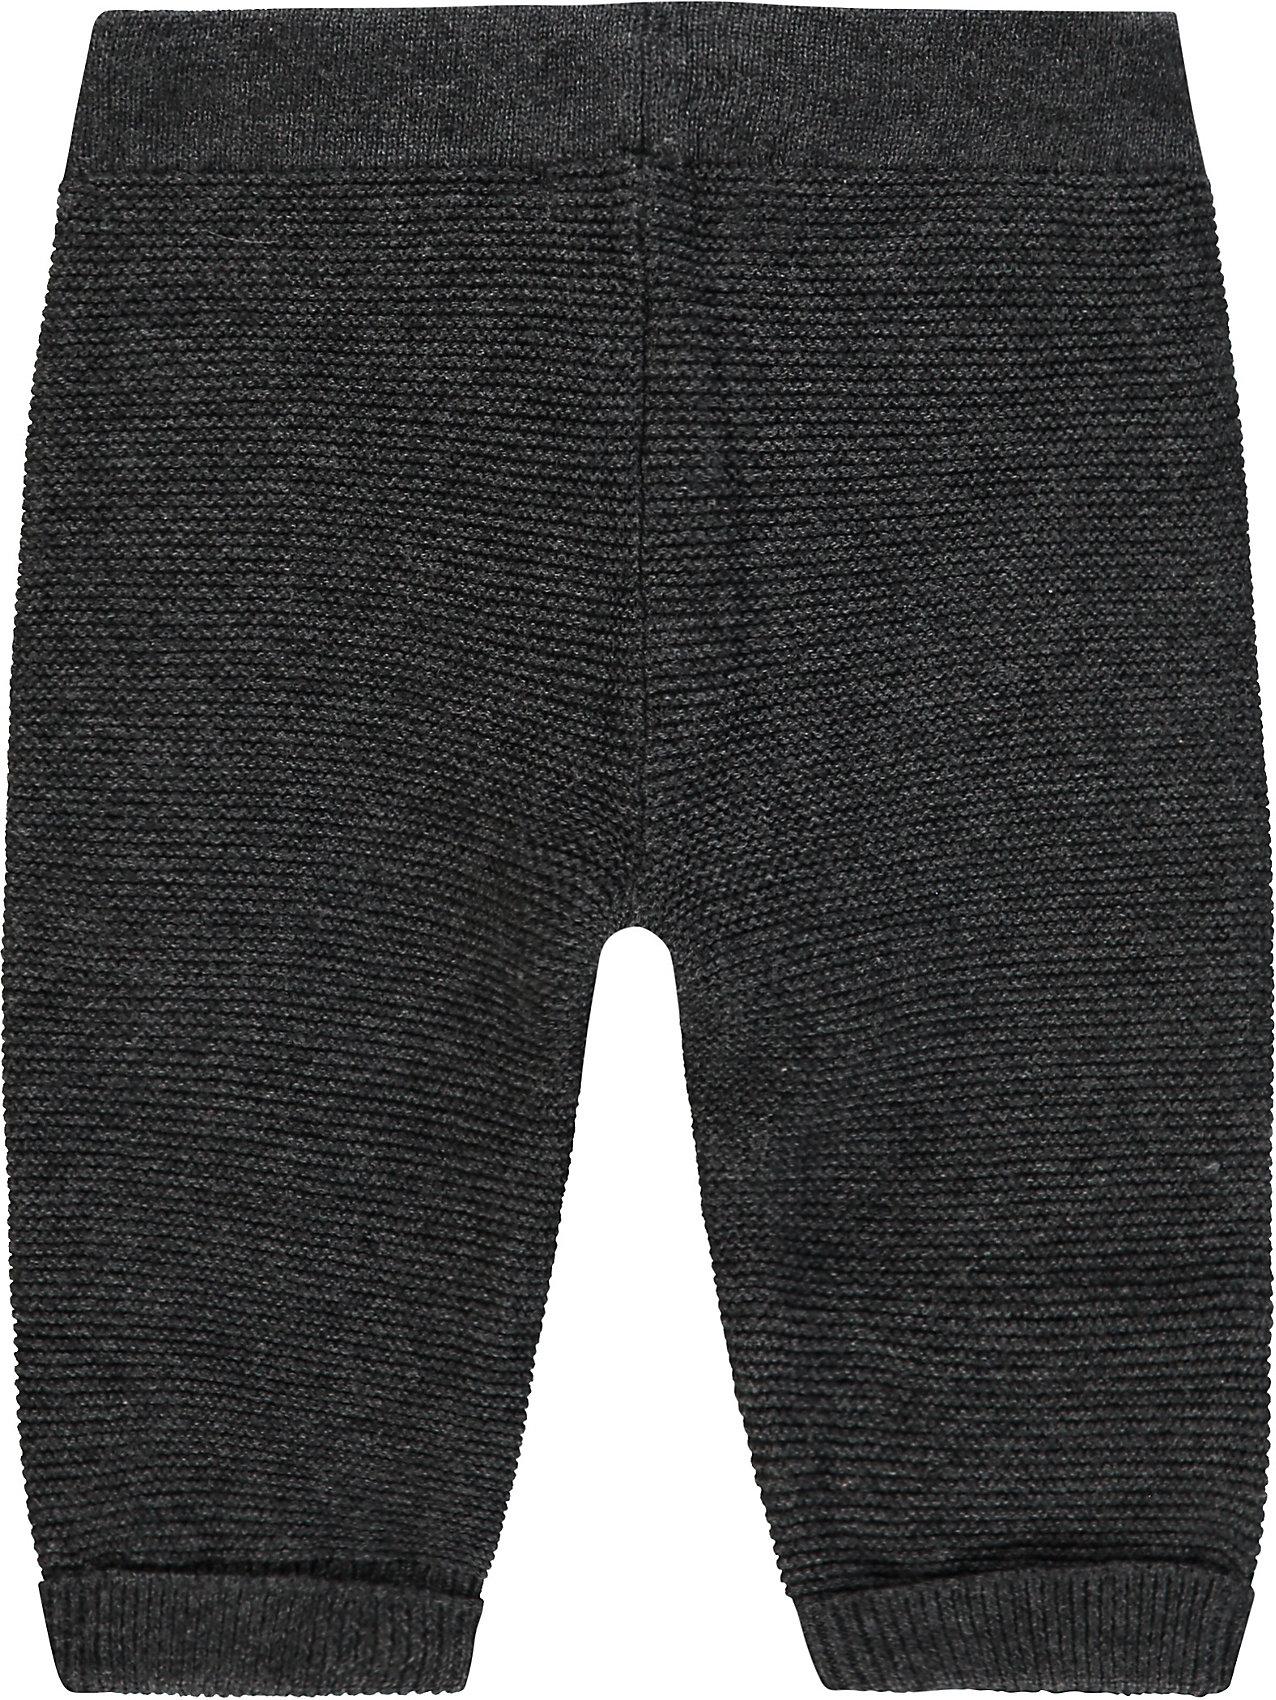 Organic Cotton 11046372 für Jungen und Mädchen Neu noppies Baby Softbundhose